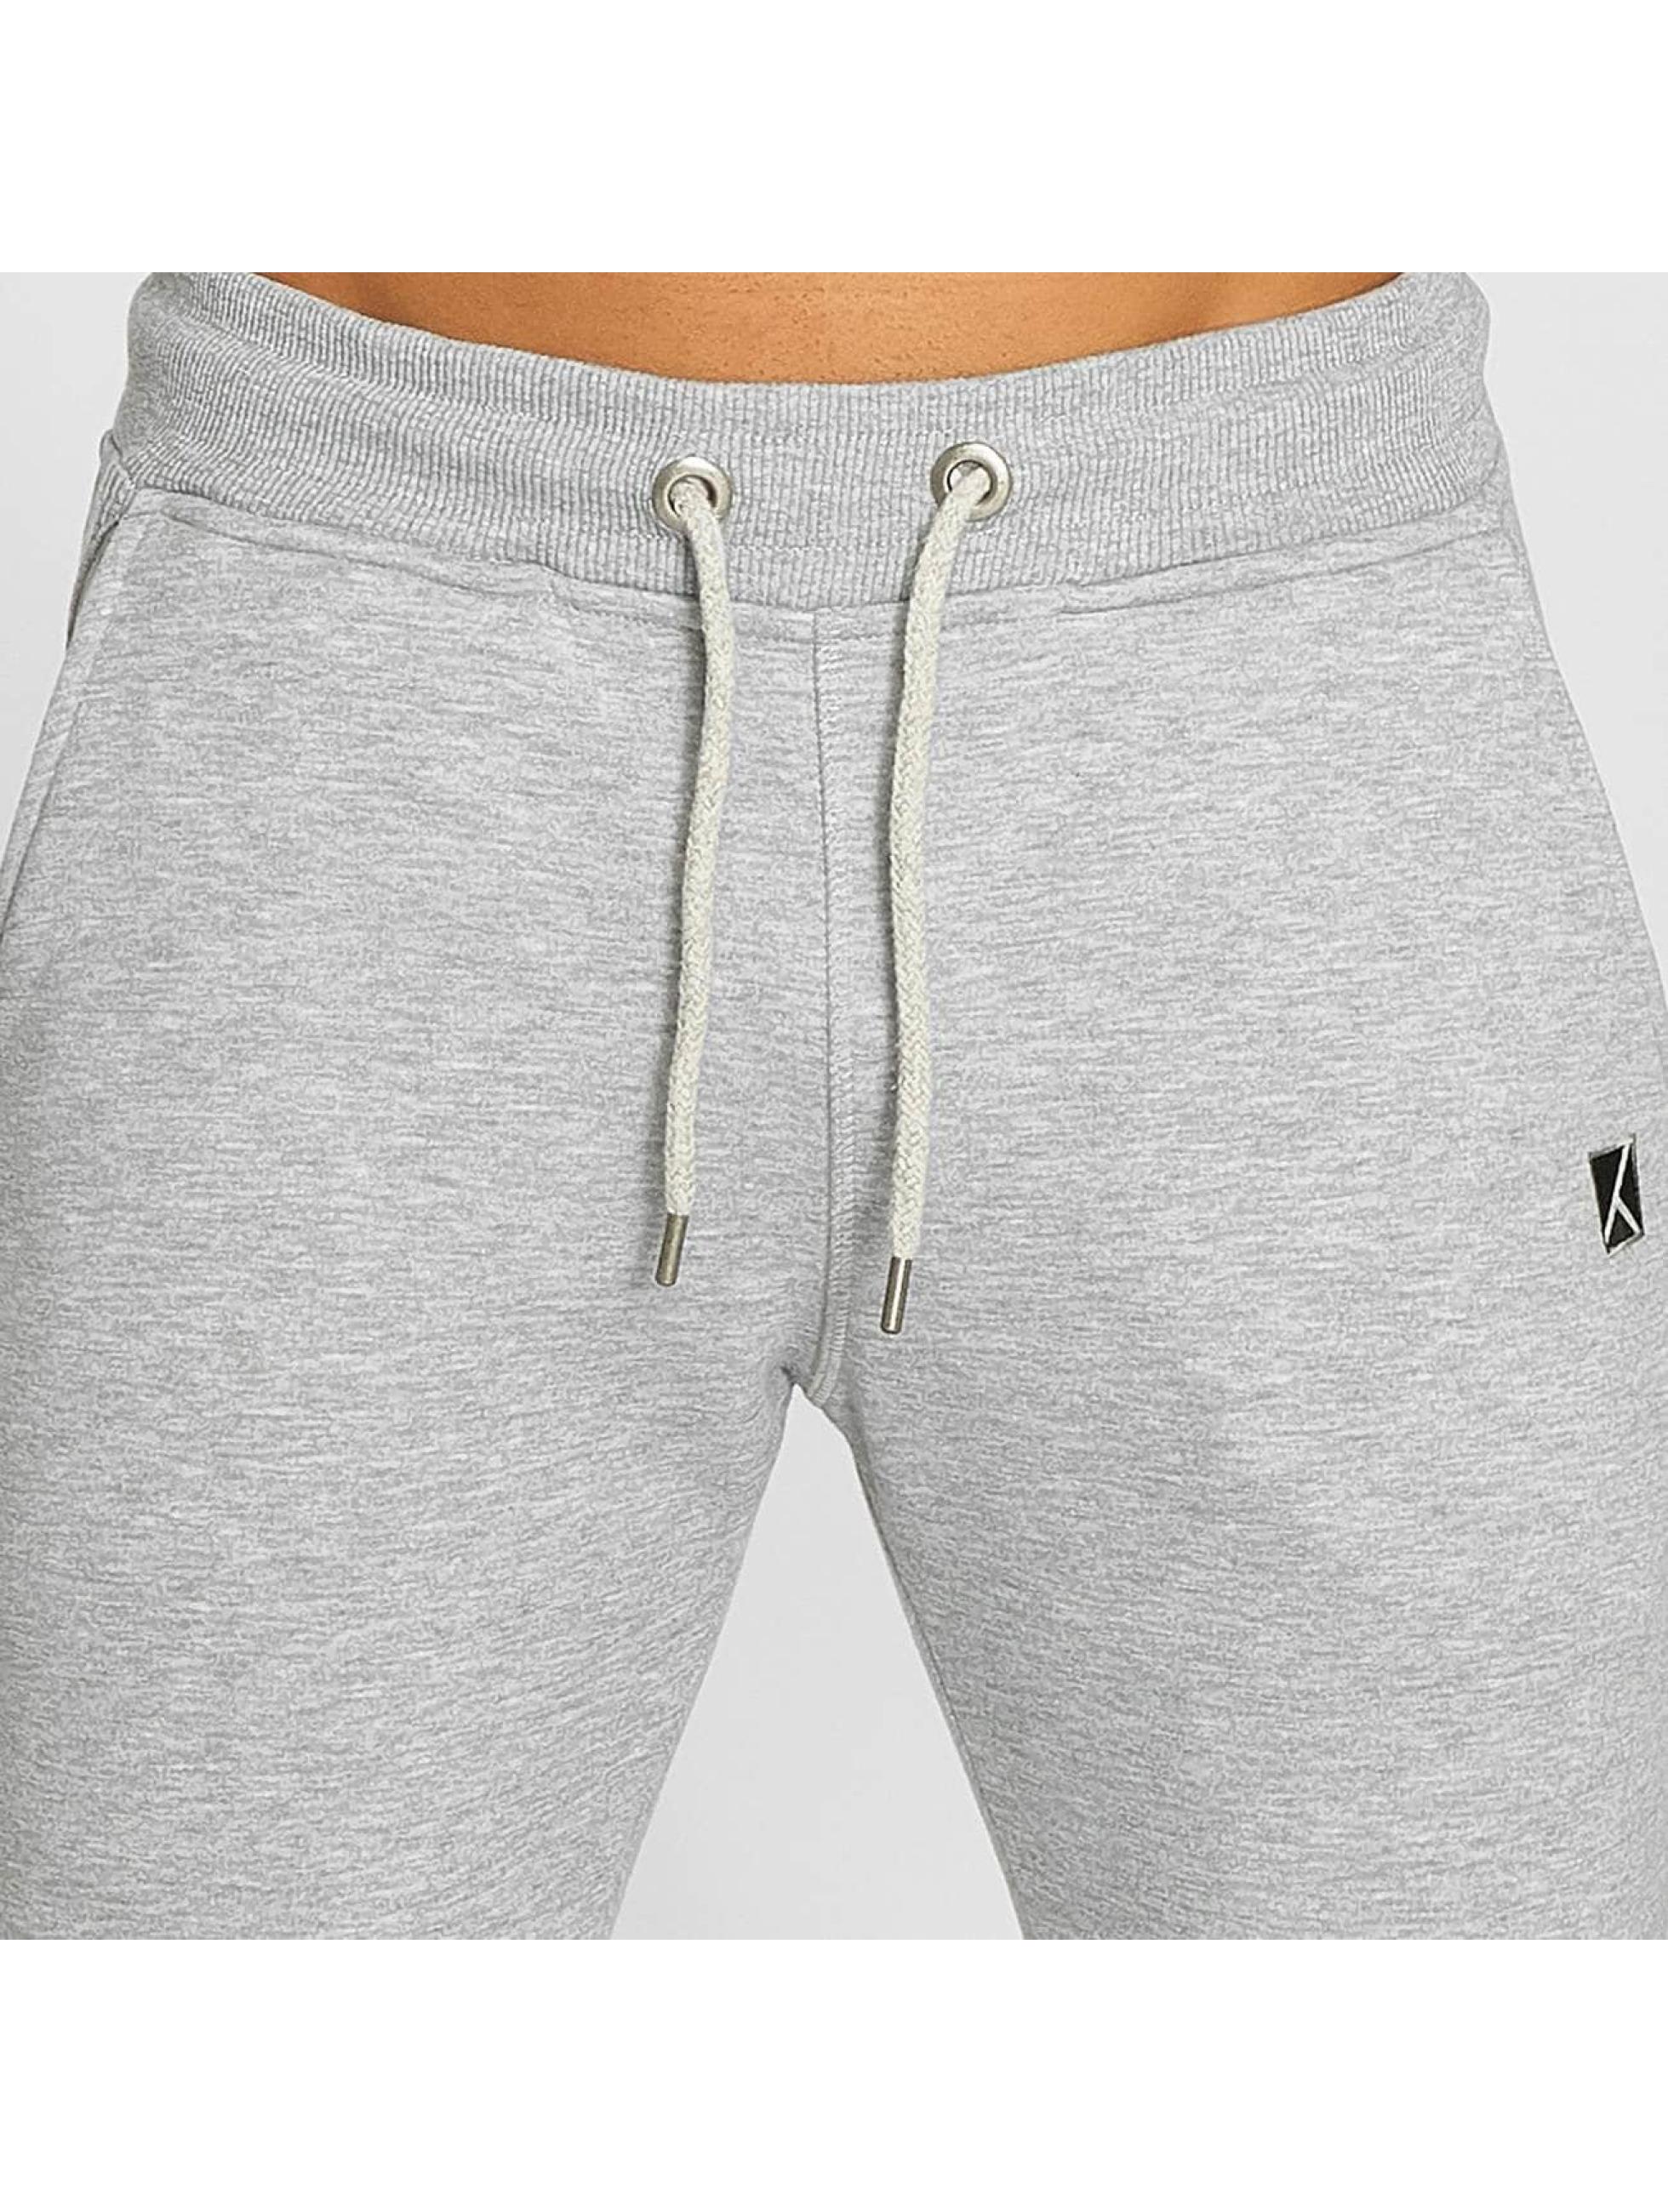 Kulte Spodnie do joggingu Jog Sweat szary